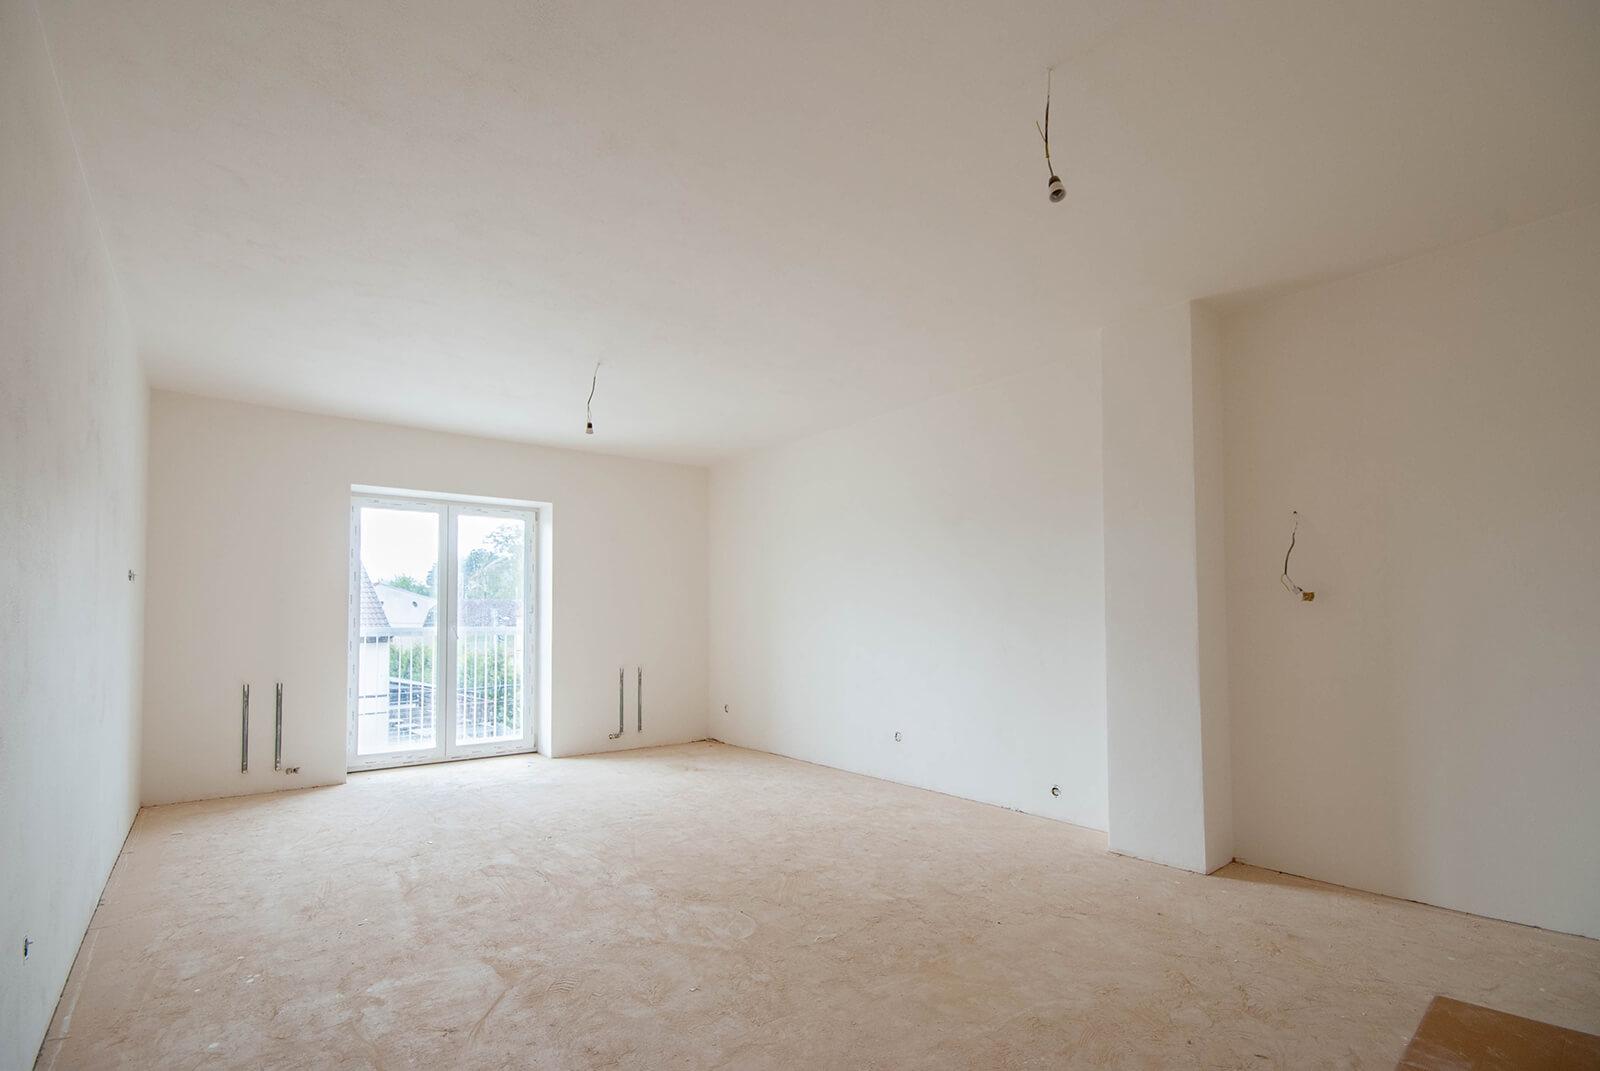 Novostavba bytu č. 3 o velikosti 1+kk Hustopeče